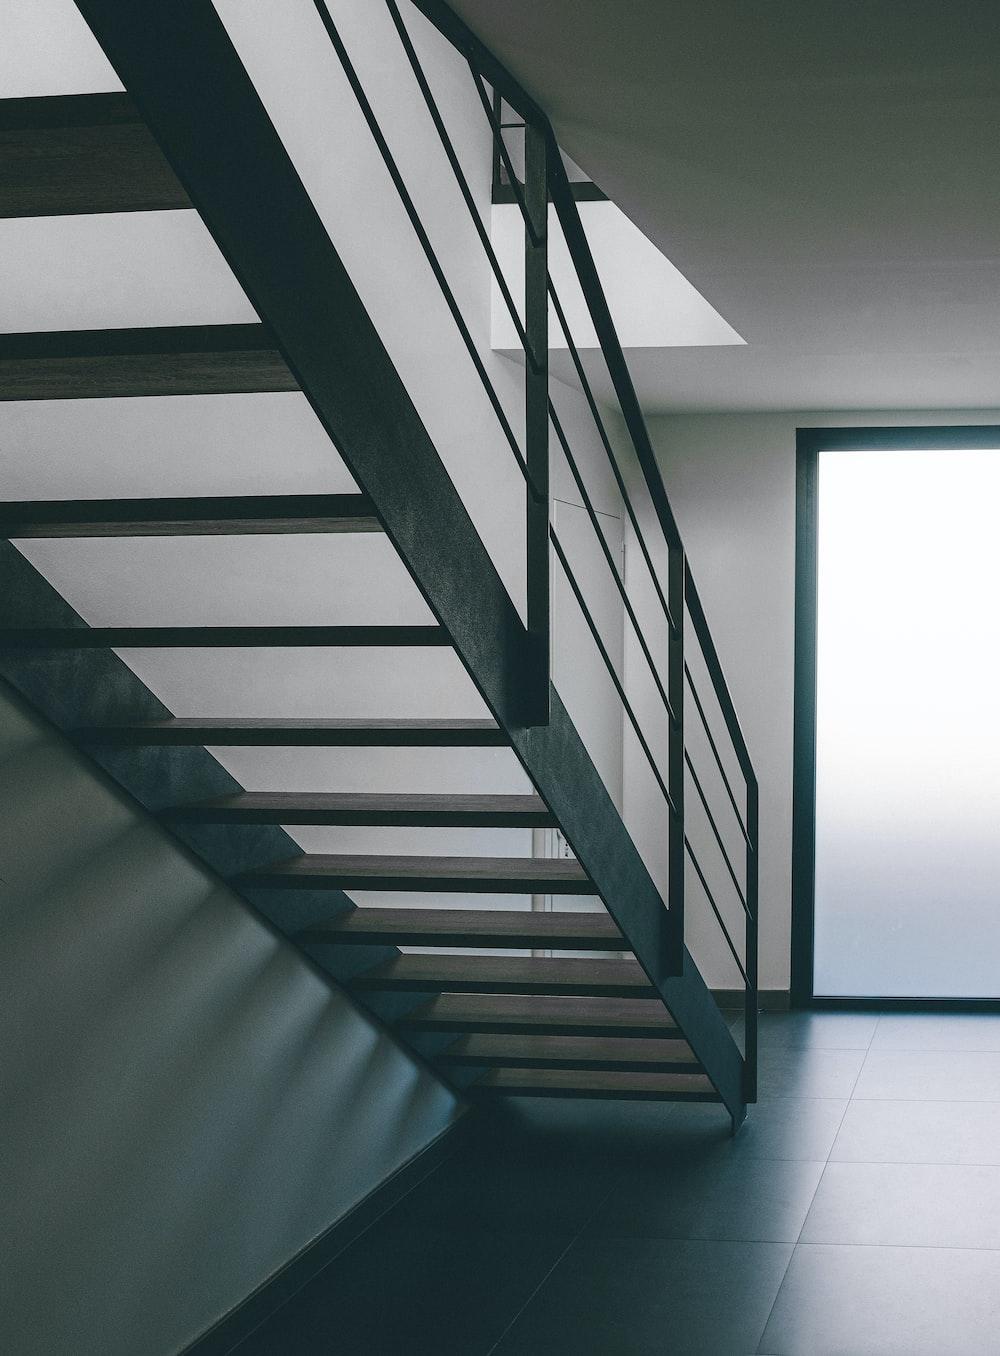 grey metal staircase inside room